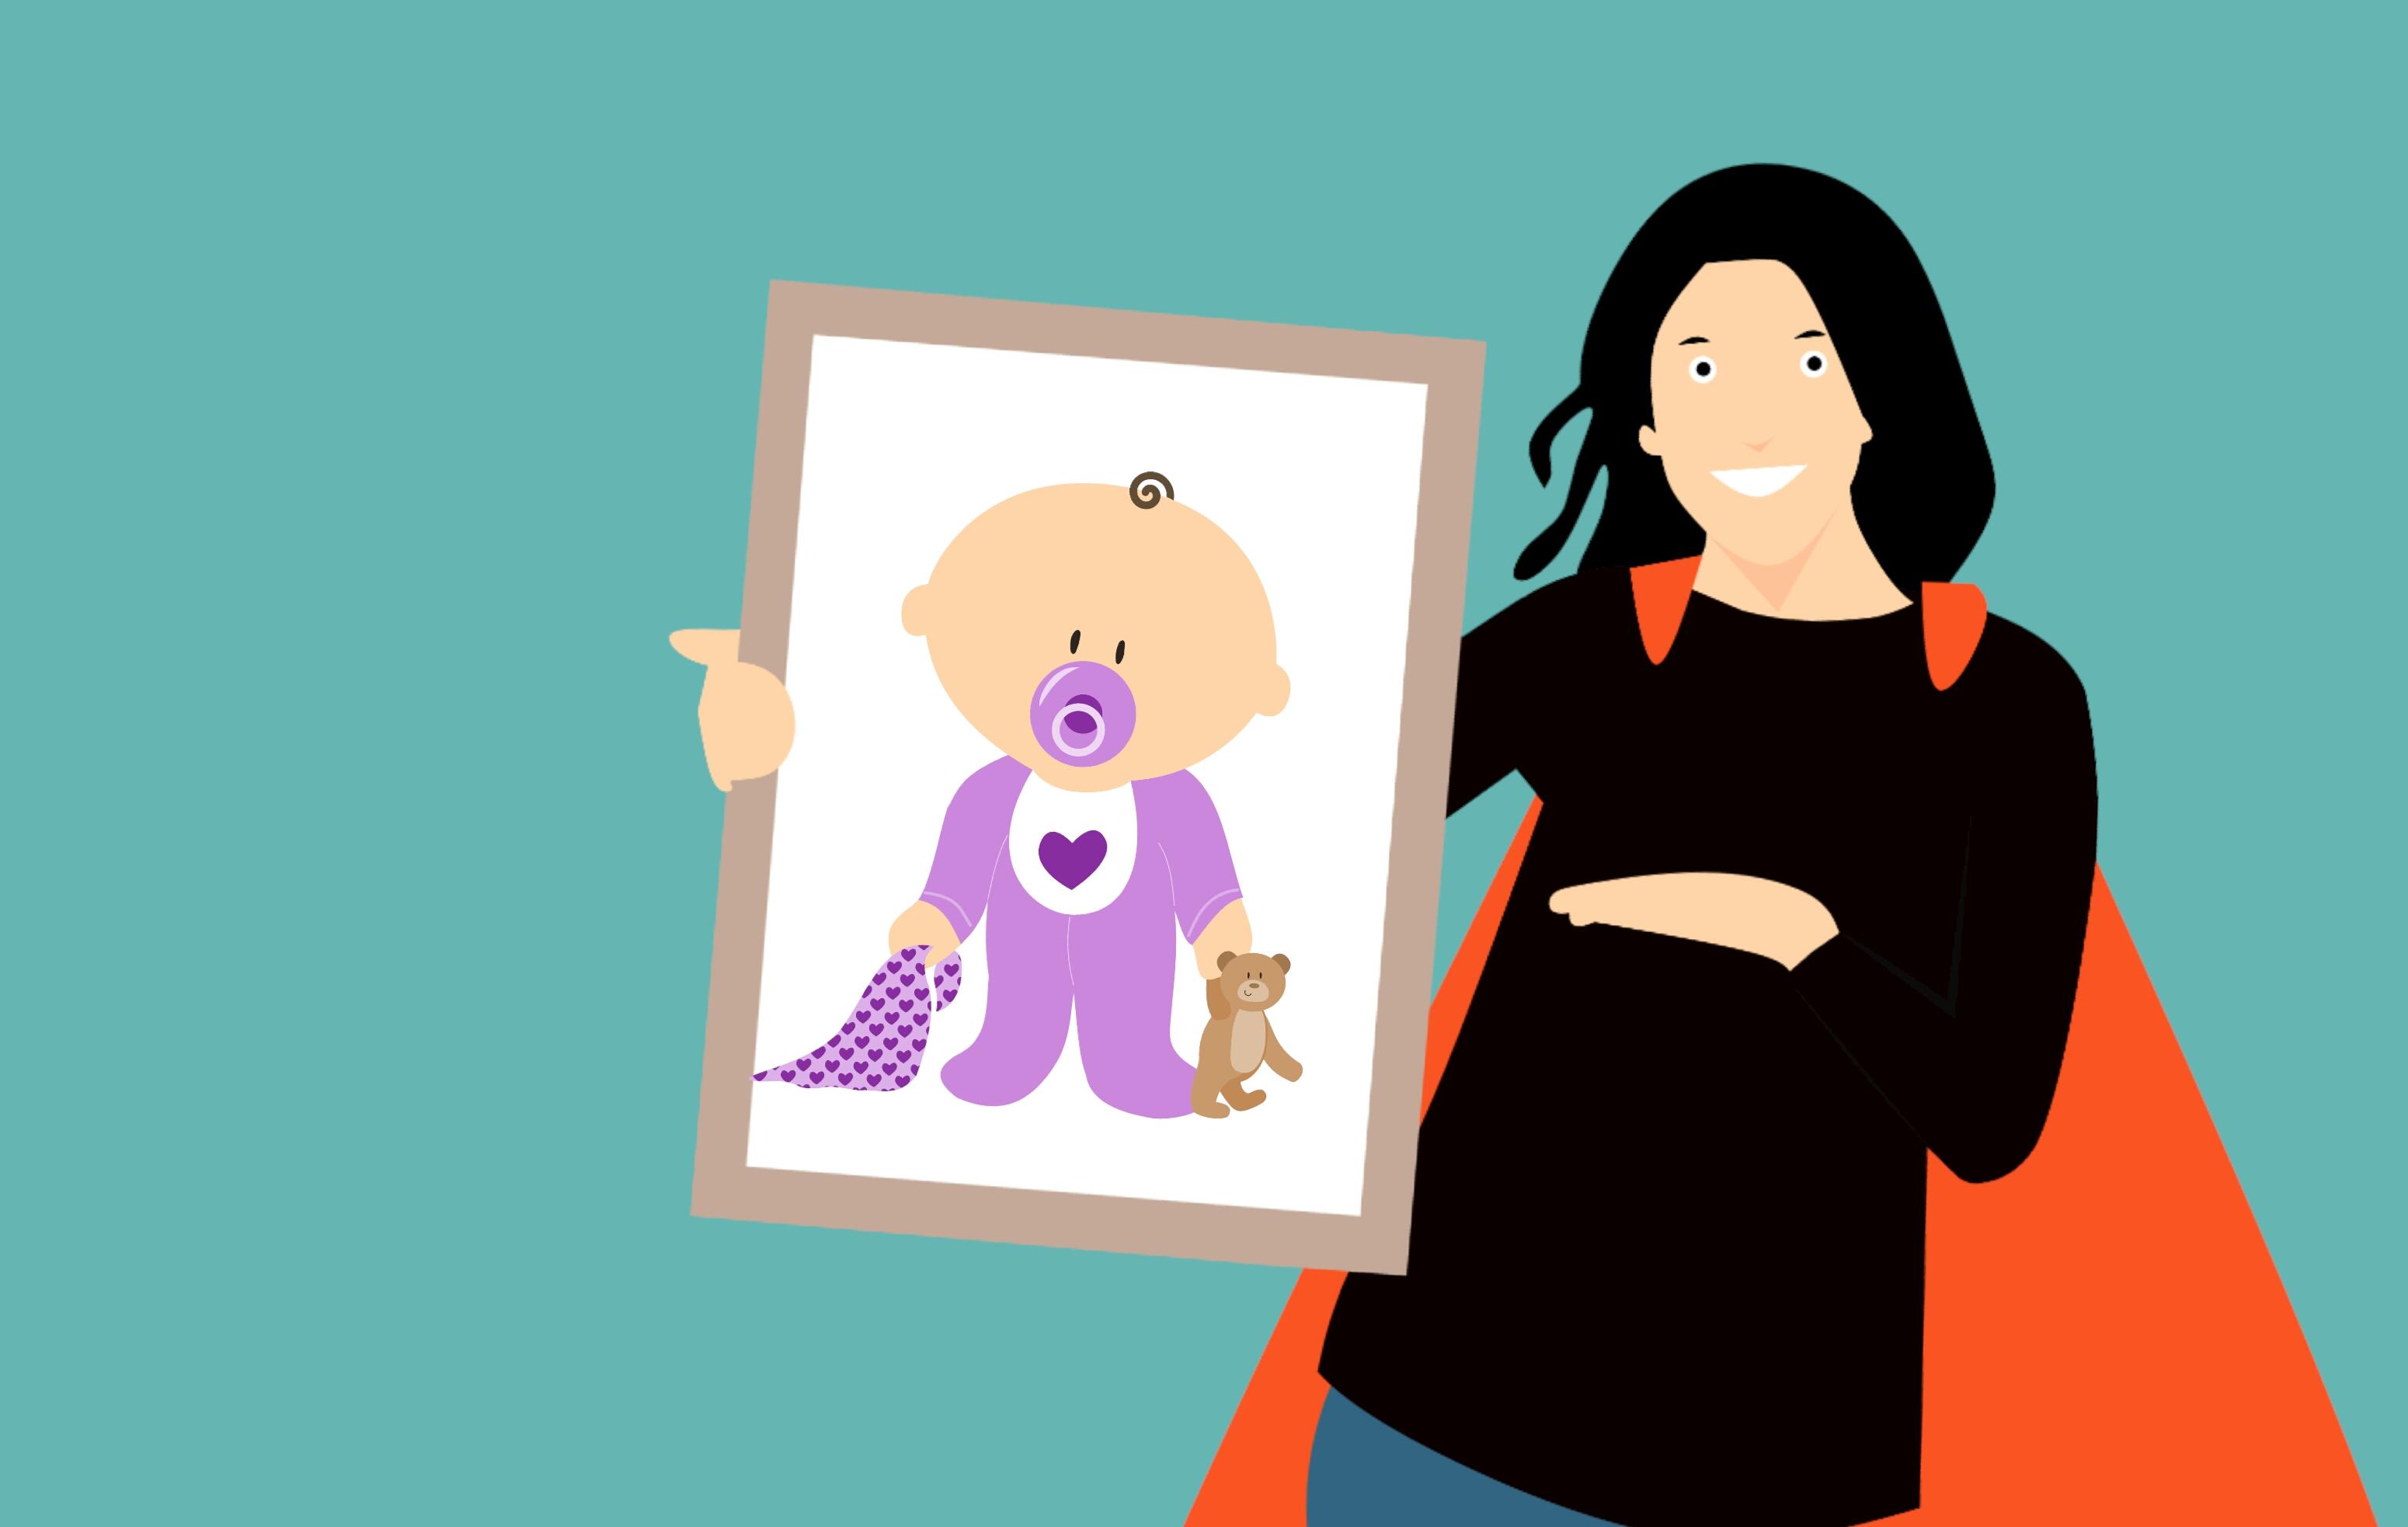 560+ Gambar Kartun Keluarga Anak Satu Terbaik